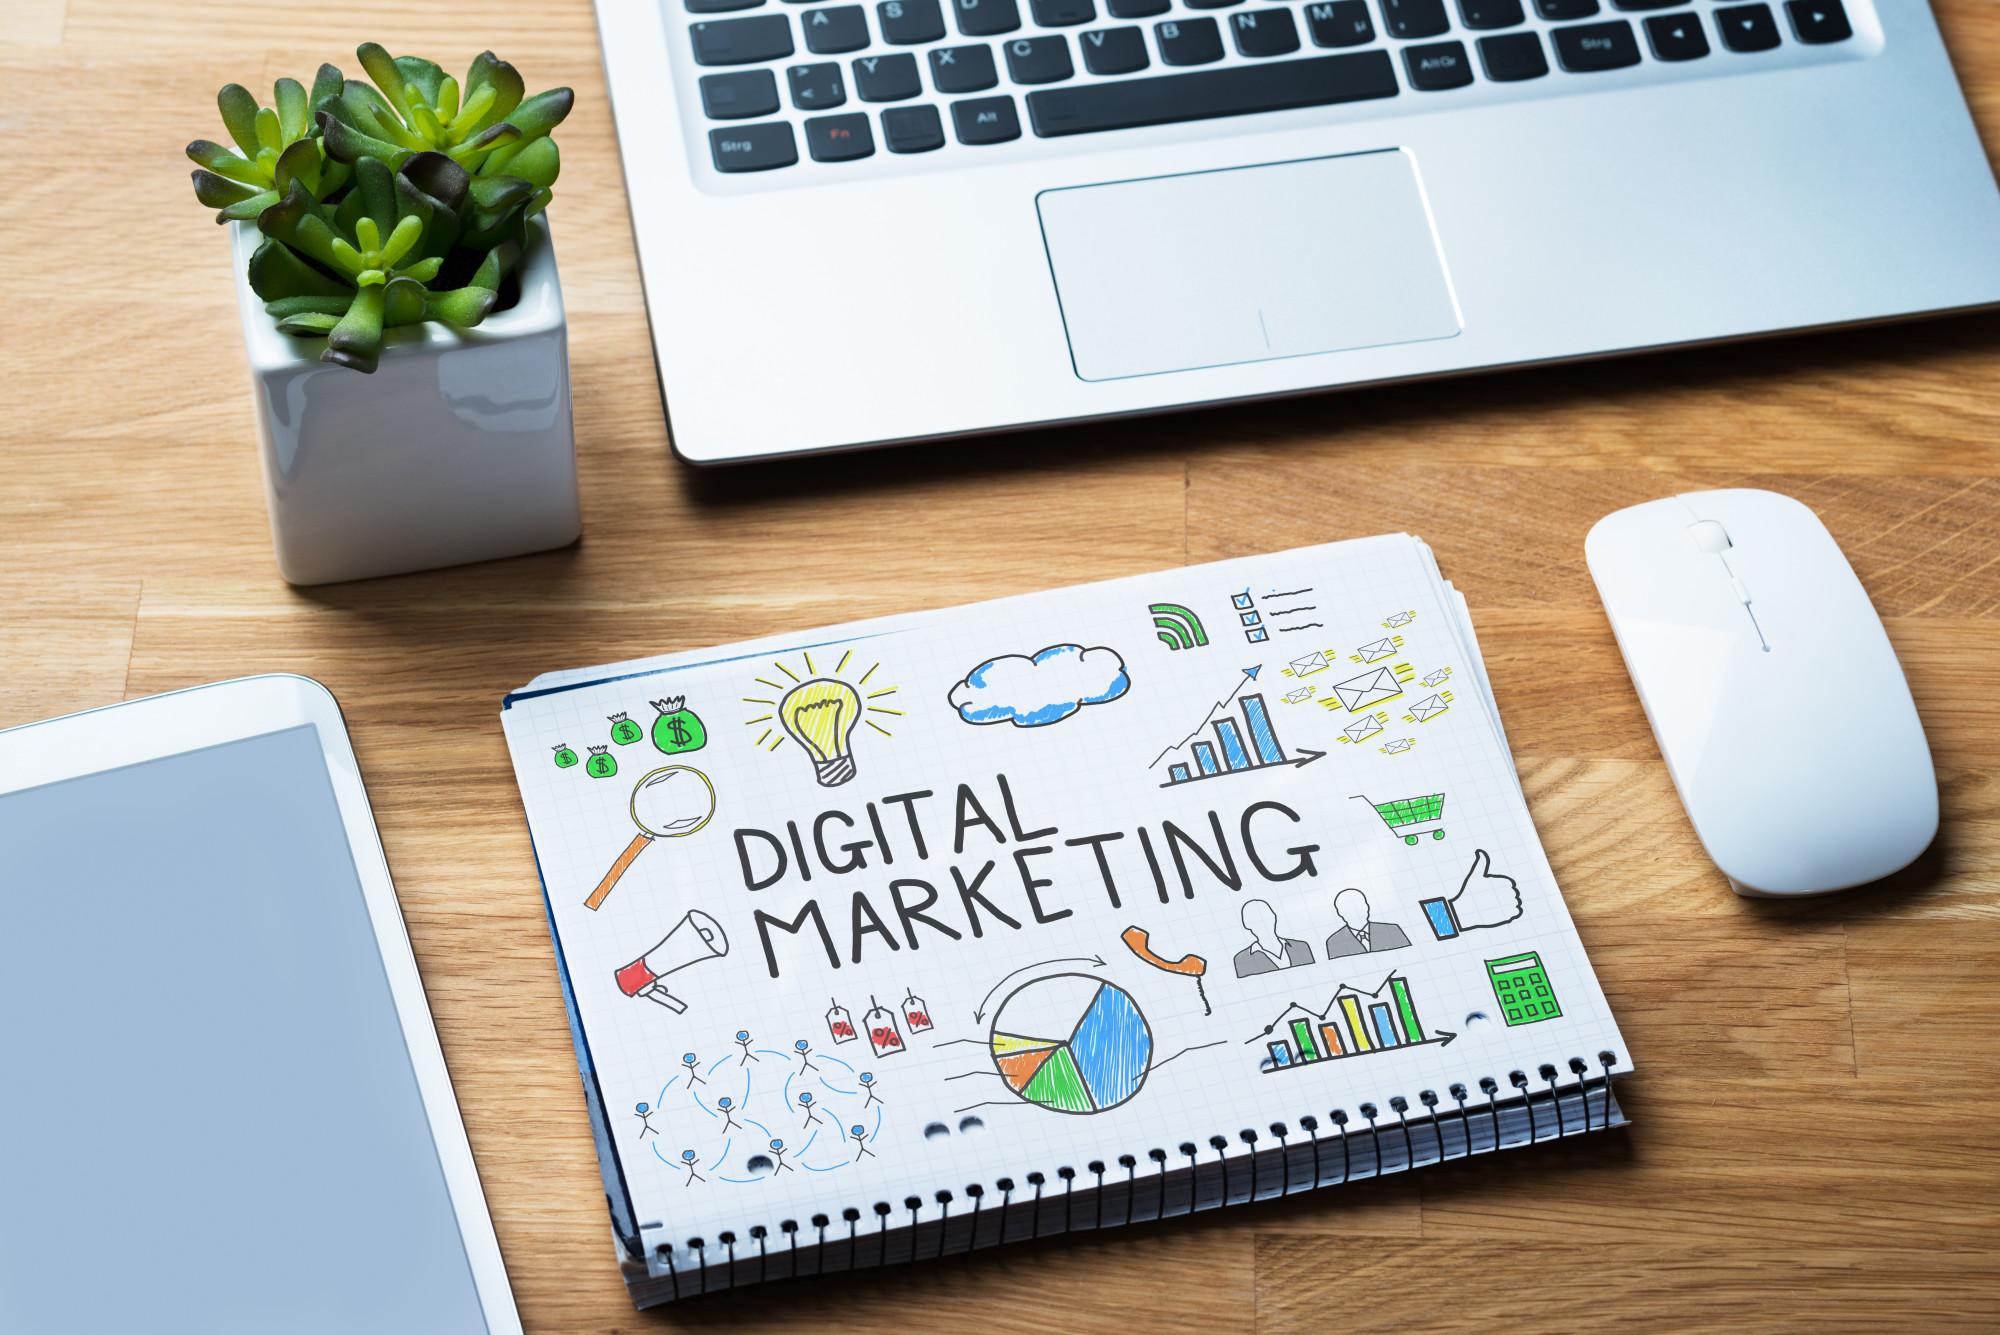 Digital Media Marketing: The Impact of Social Media